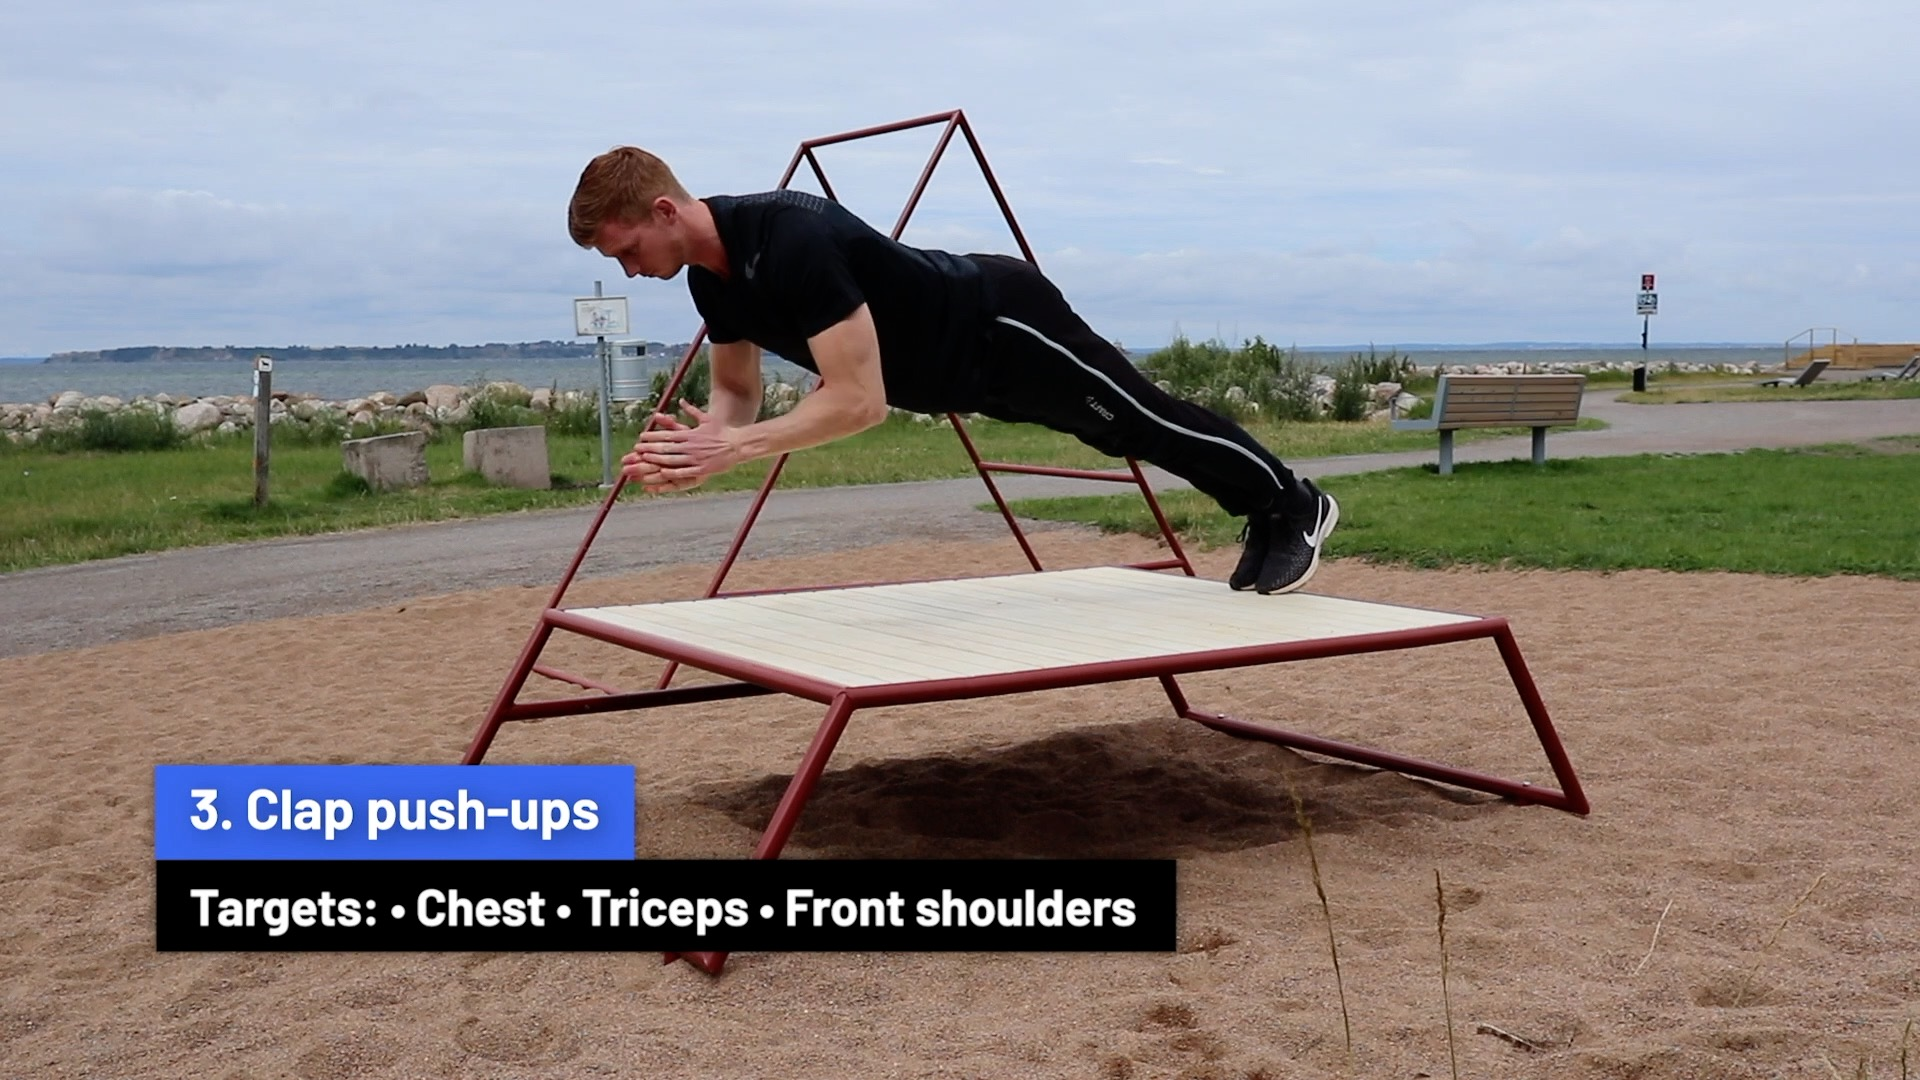 Clap push-ups